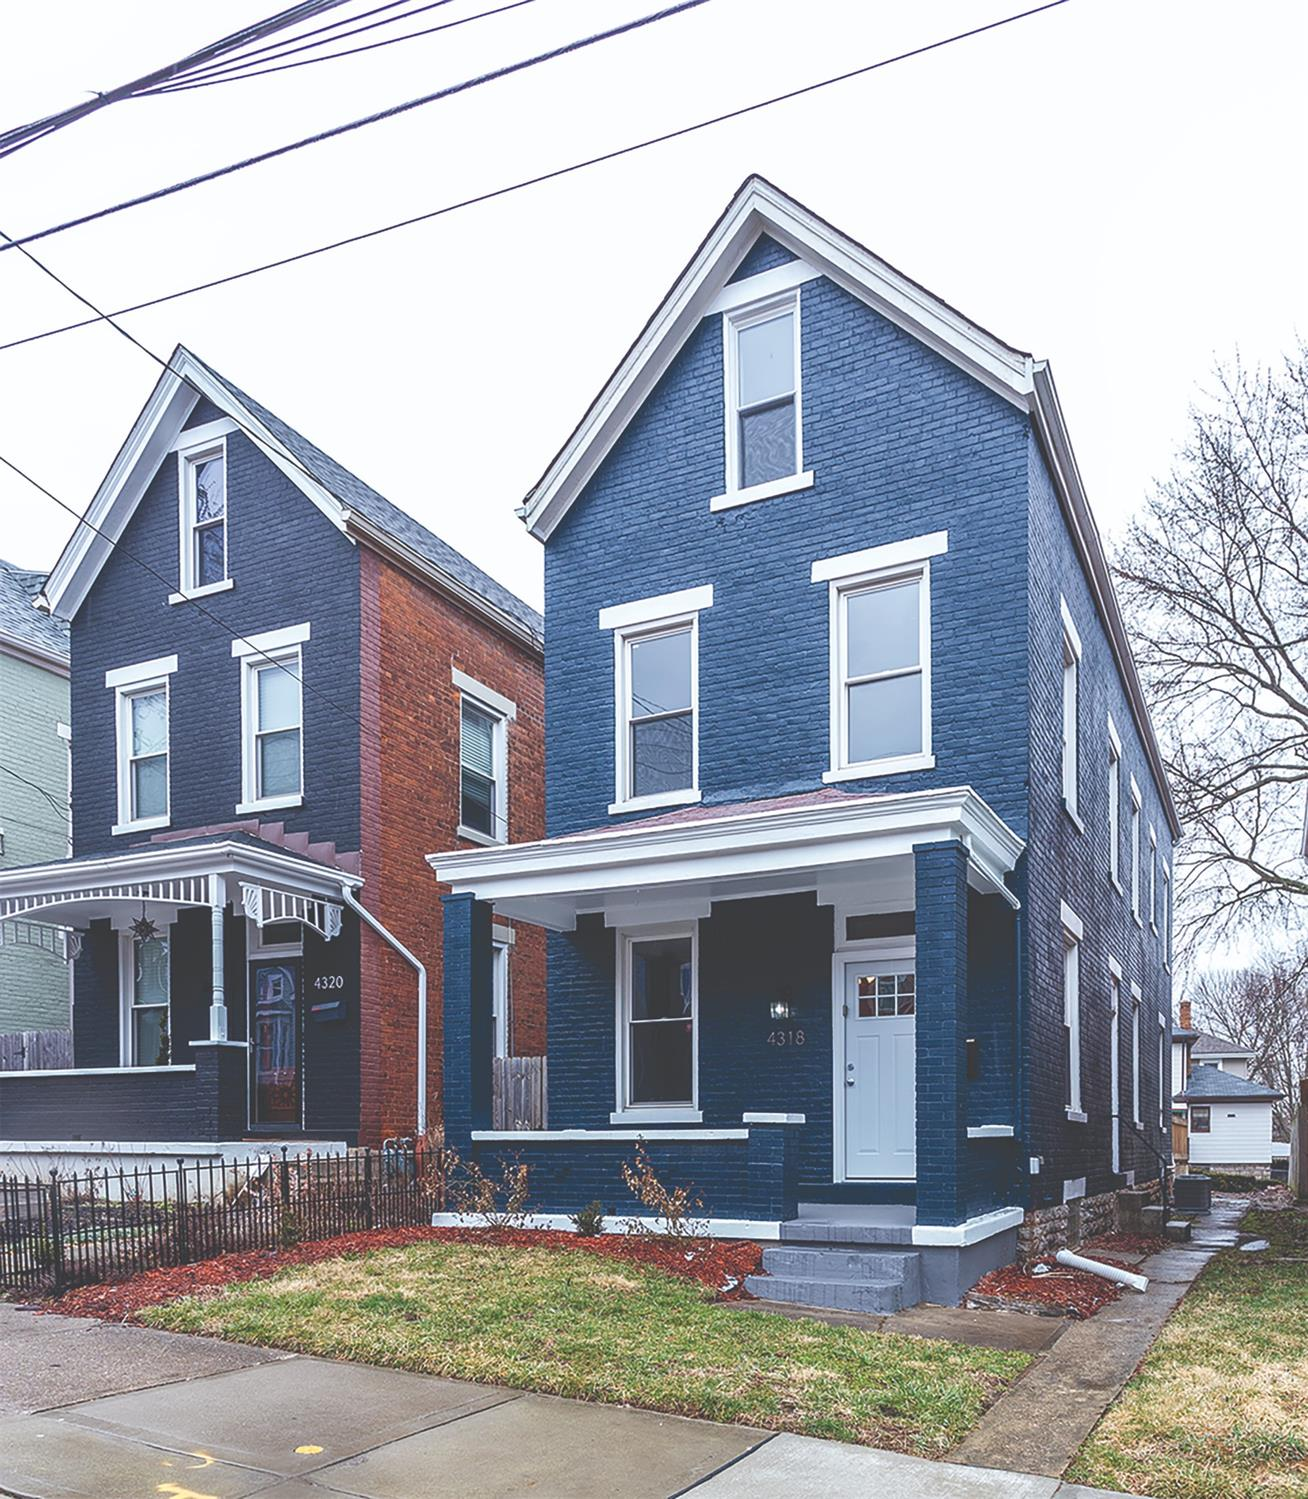 4318 Beech Hill Ave Cincinnati OH